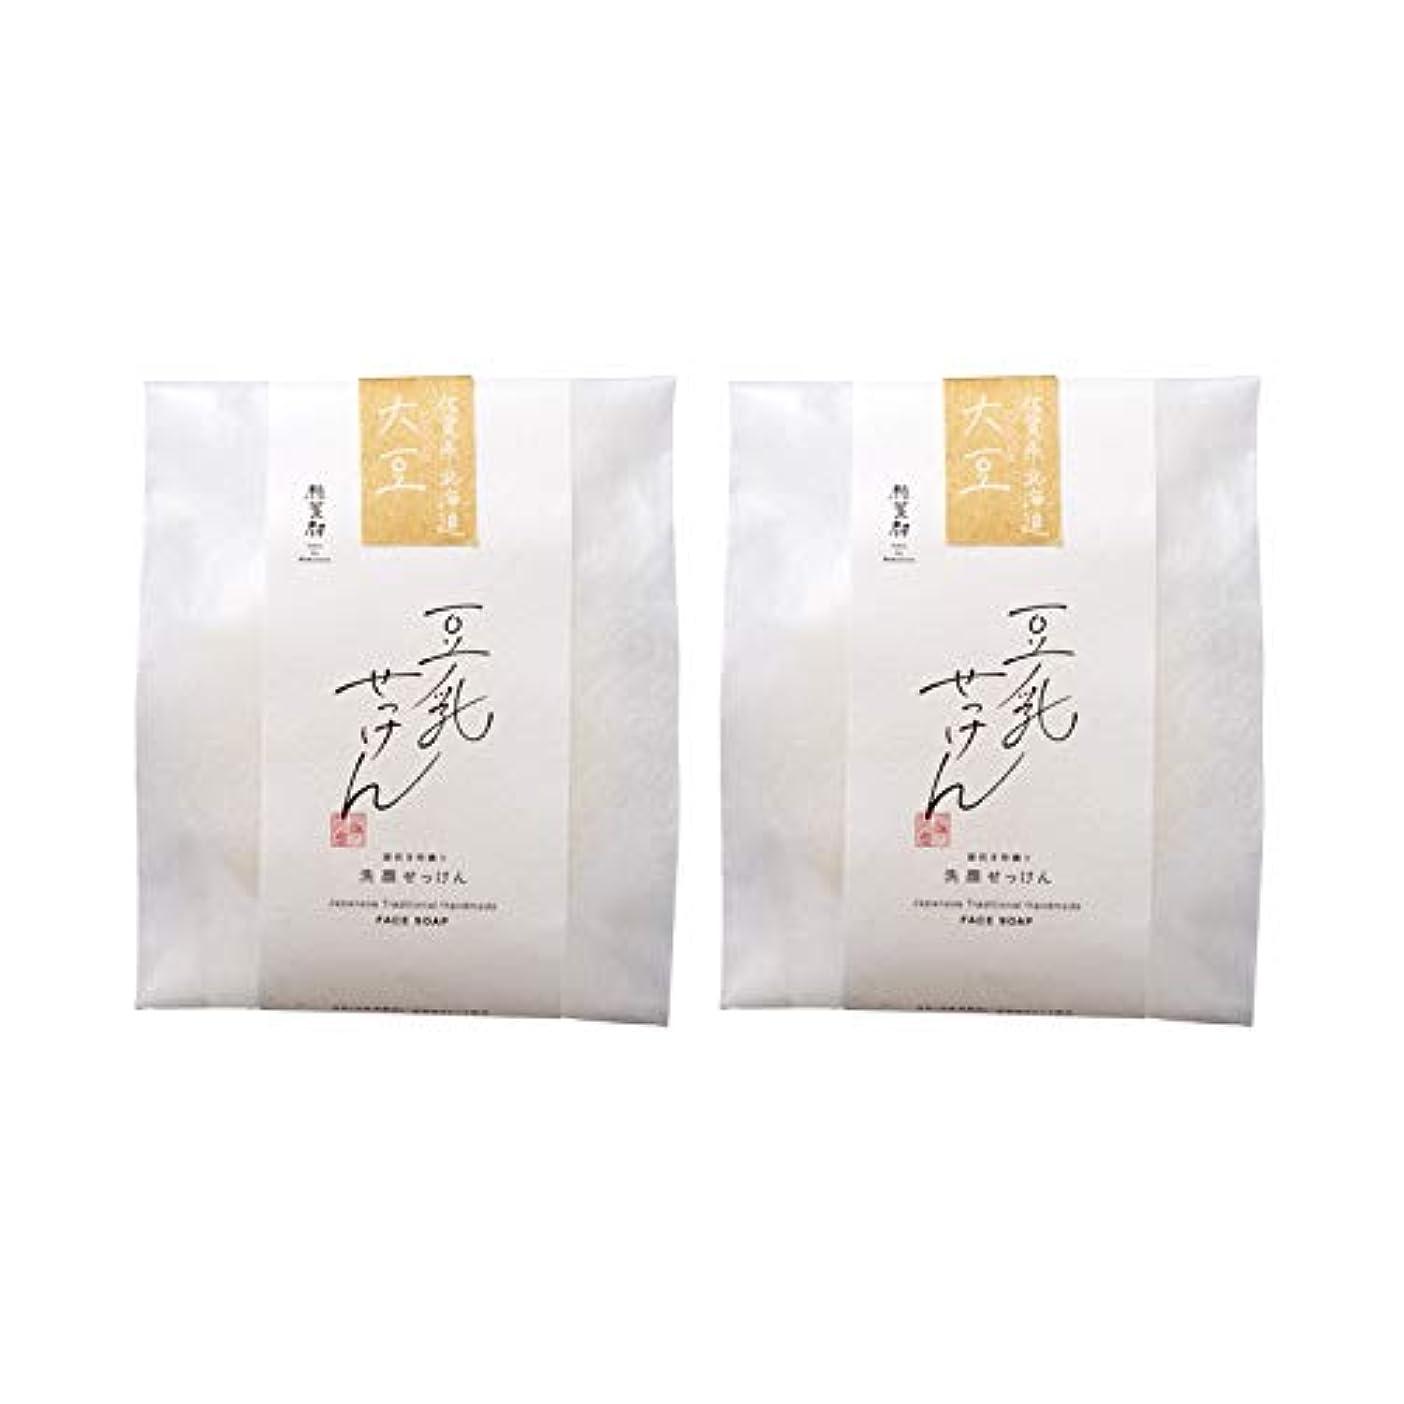 ホテル有害な文明化する豆腐の盛田屋 豆乳せっけん 自然生活 100g×2個セット